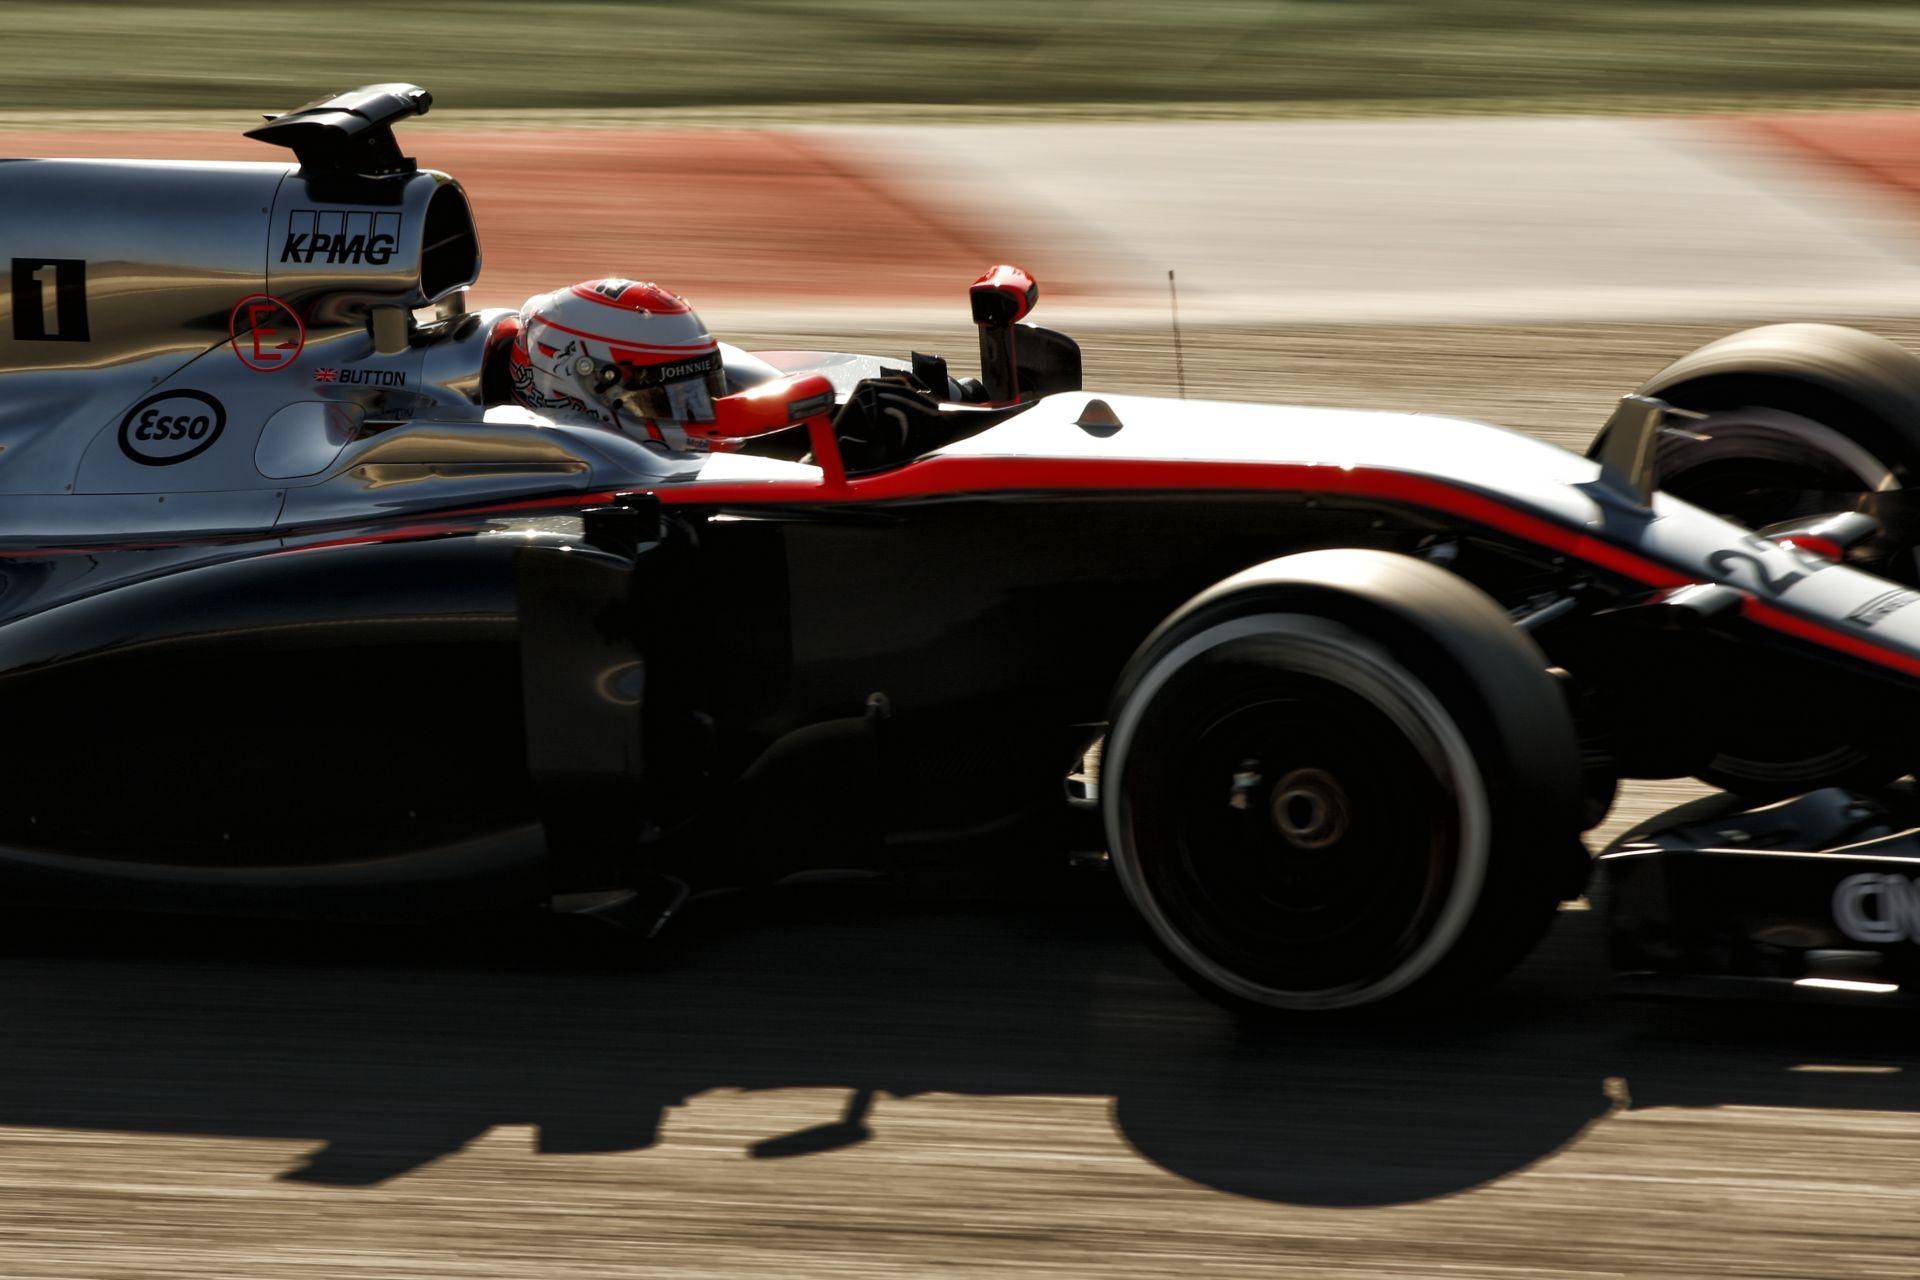 McLaren: Sokat szenvedtünk, és fogunk is még, de az MP4-30 egy nagyon jó autó lehet